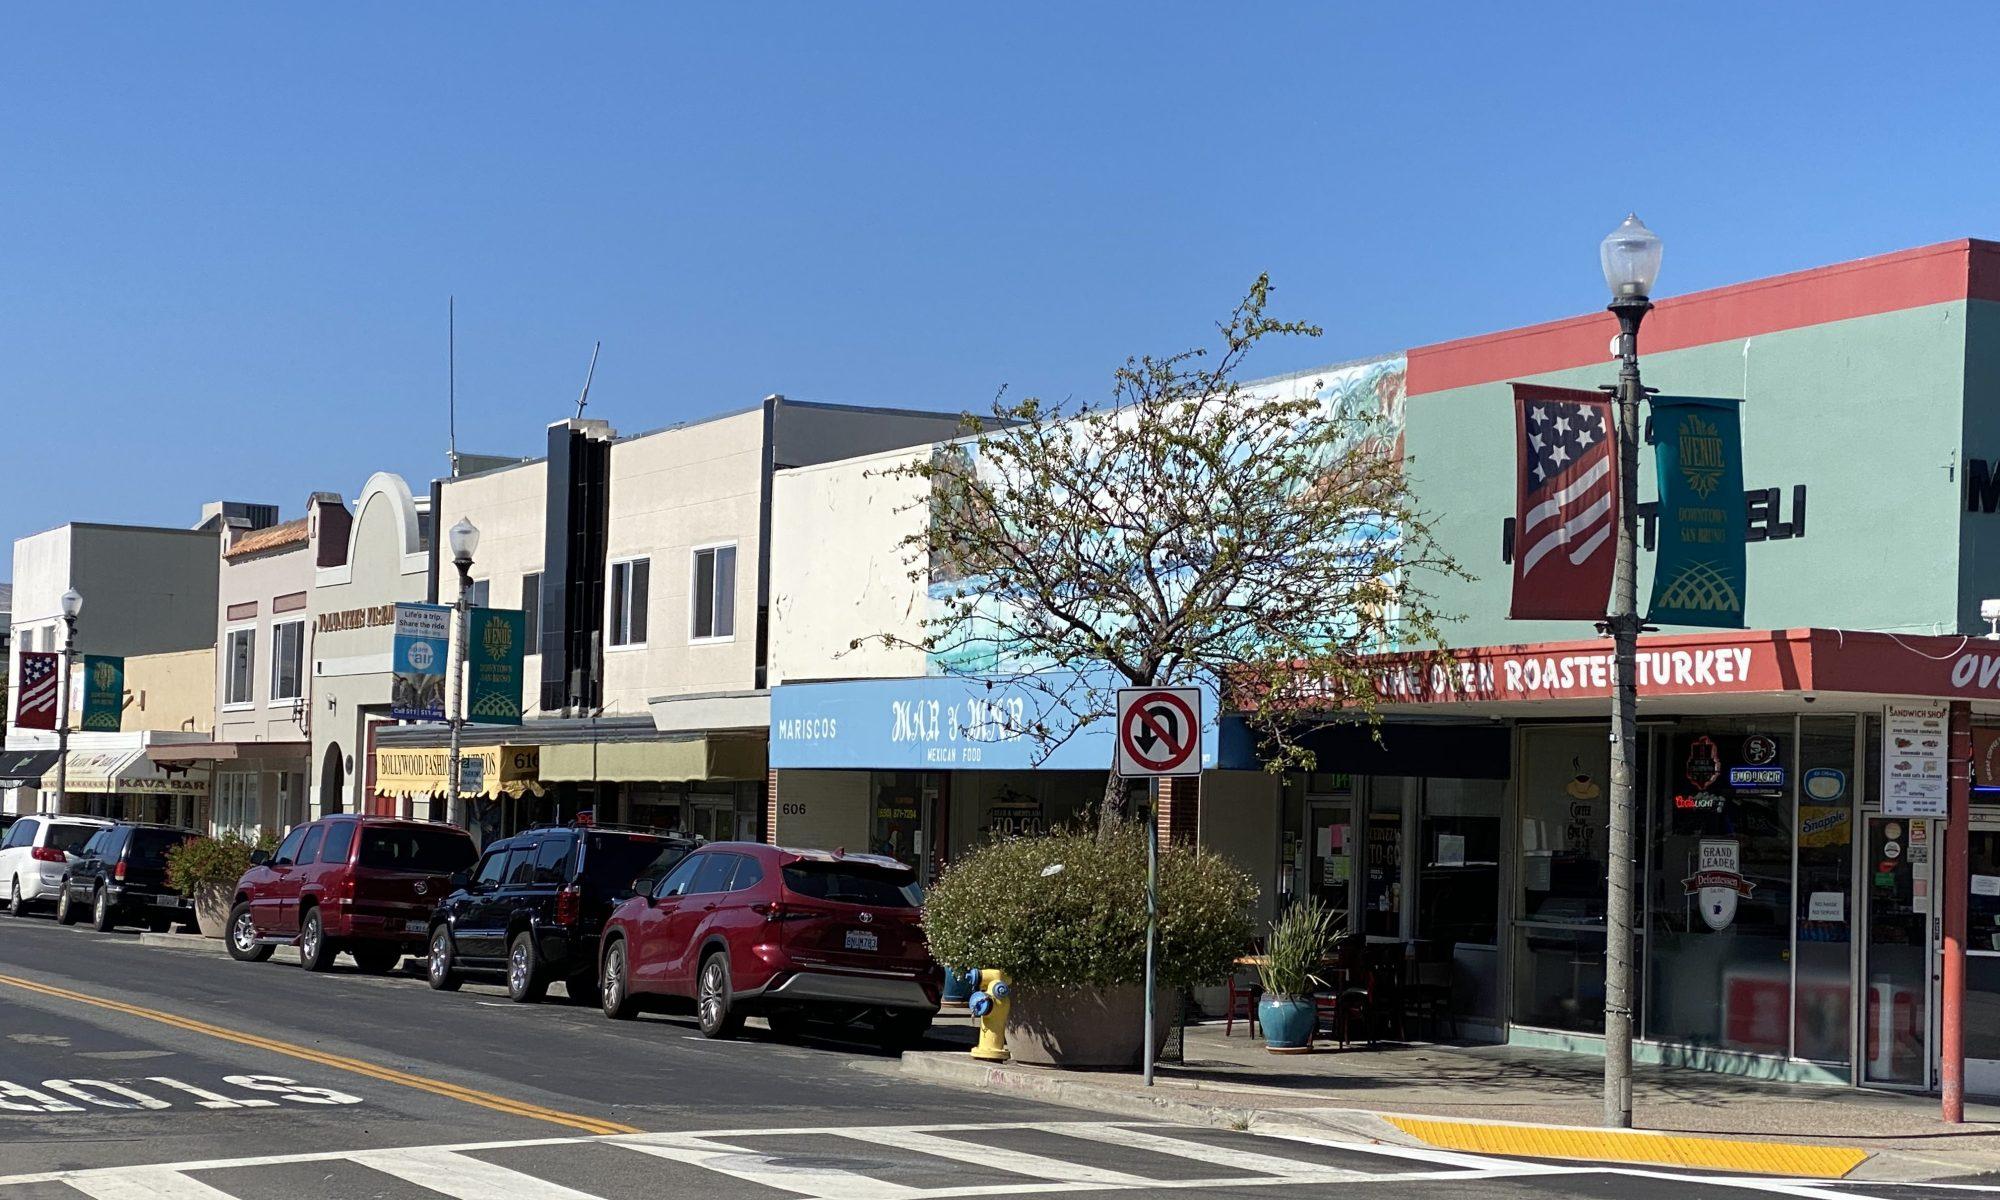 Downtown San Bruno